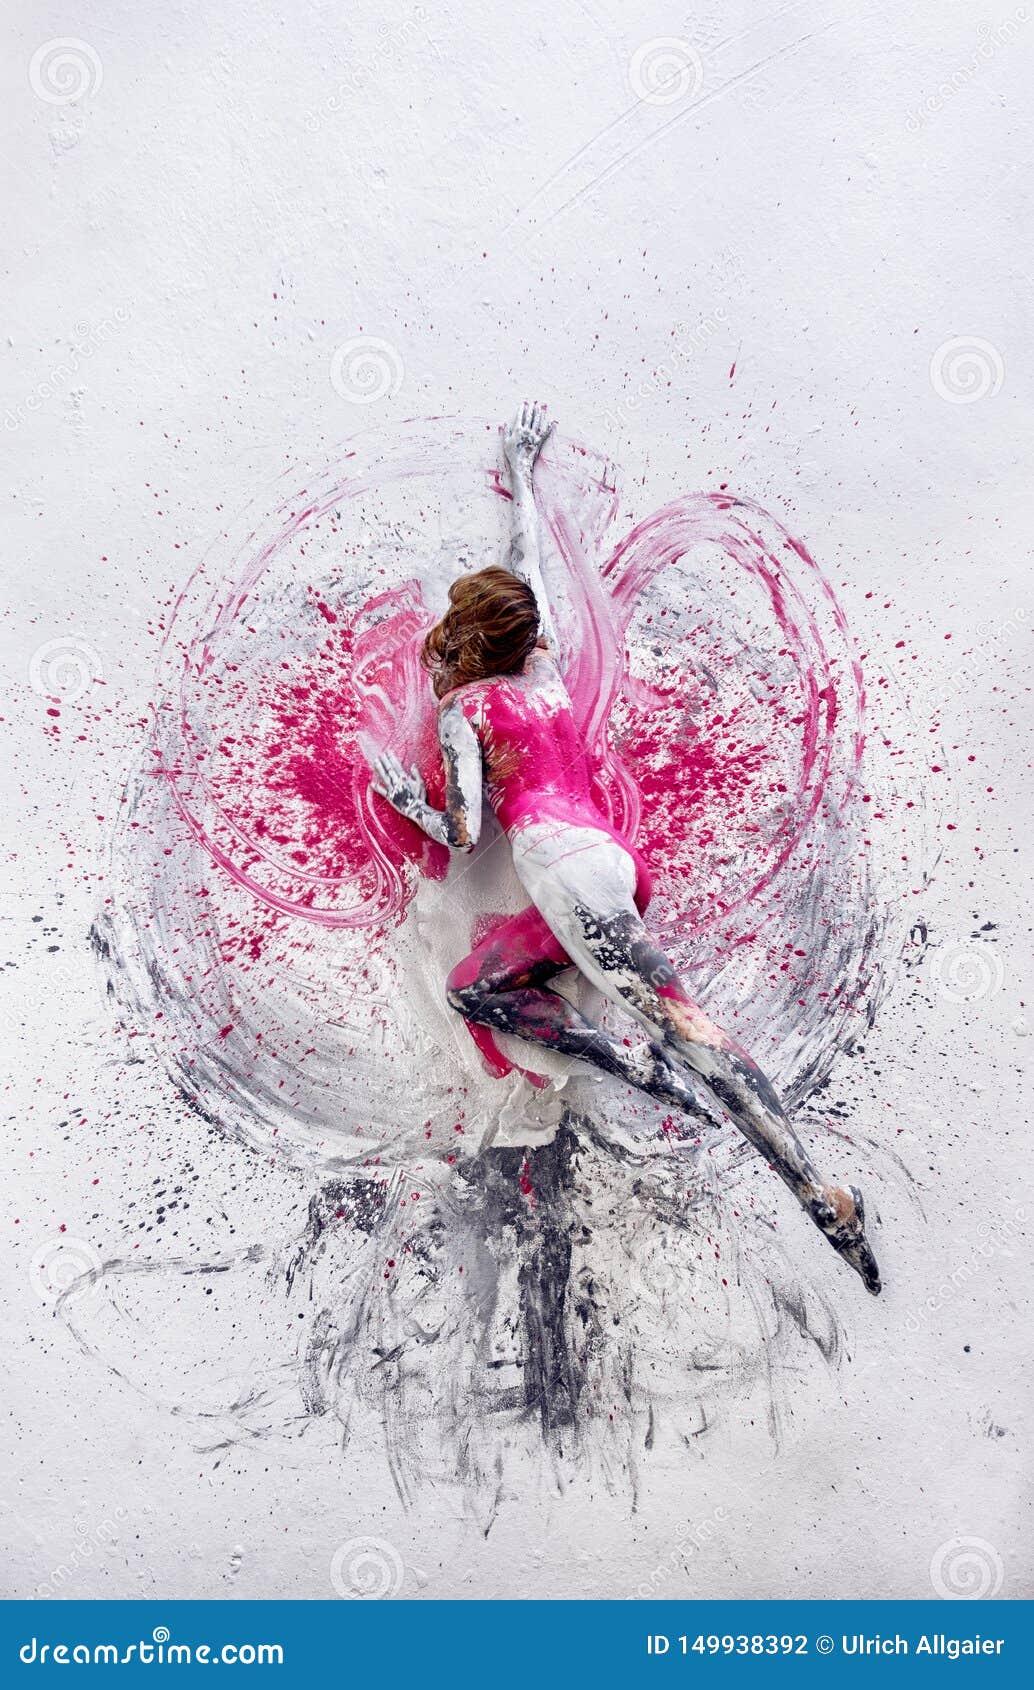 De jonge naakte vrouw in roze, grijs-witte, geschilderde kleur, ligt dansend op de elegant decoratieve vloer, in grijze en witte